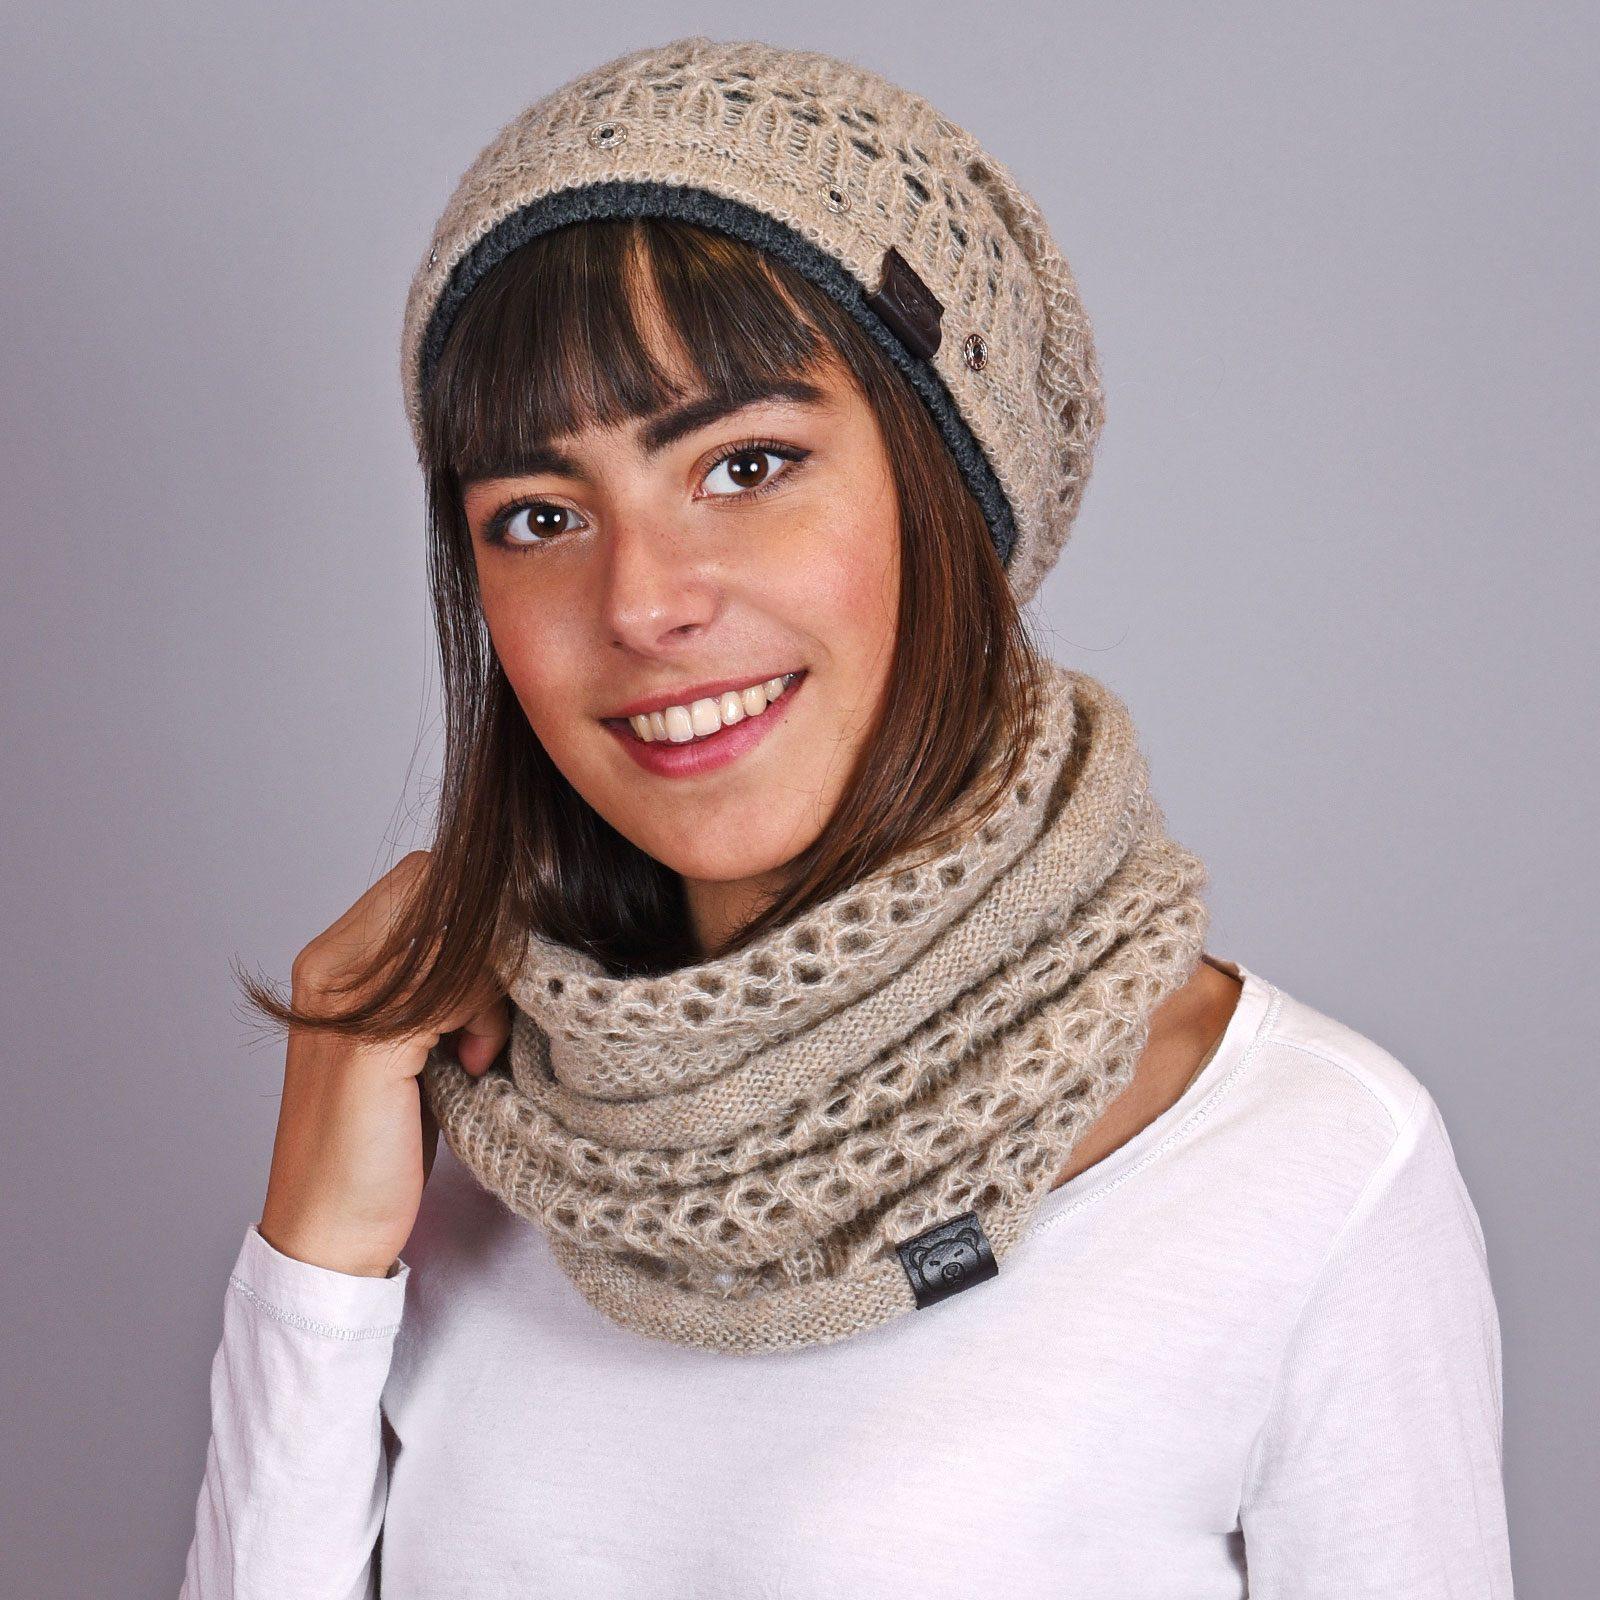 http://lookbook.allee-du-foulard.fr/wp-content/uploads/2018/12/AT-04594-VF16-snood-et-bonnet-taupe-1600x1600.jpg